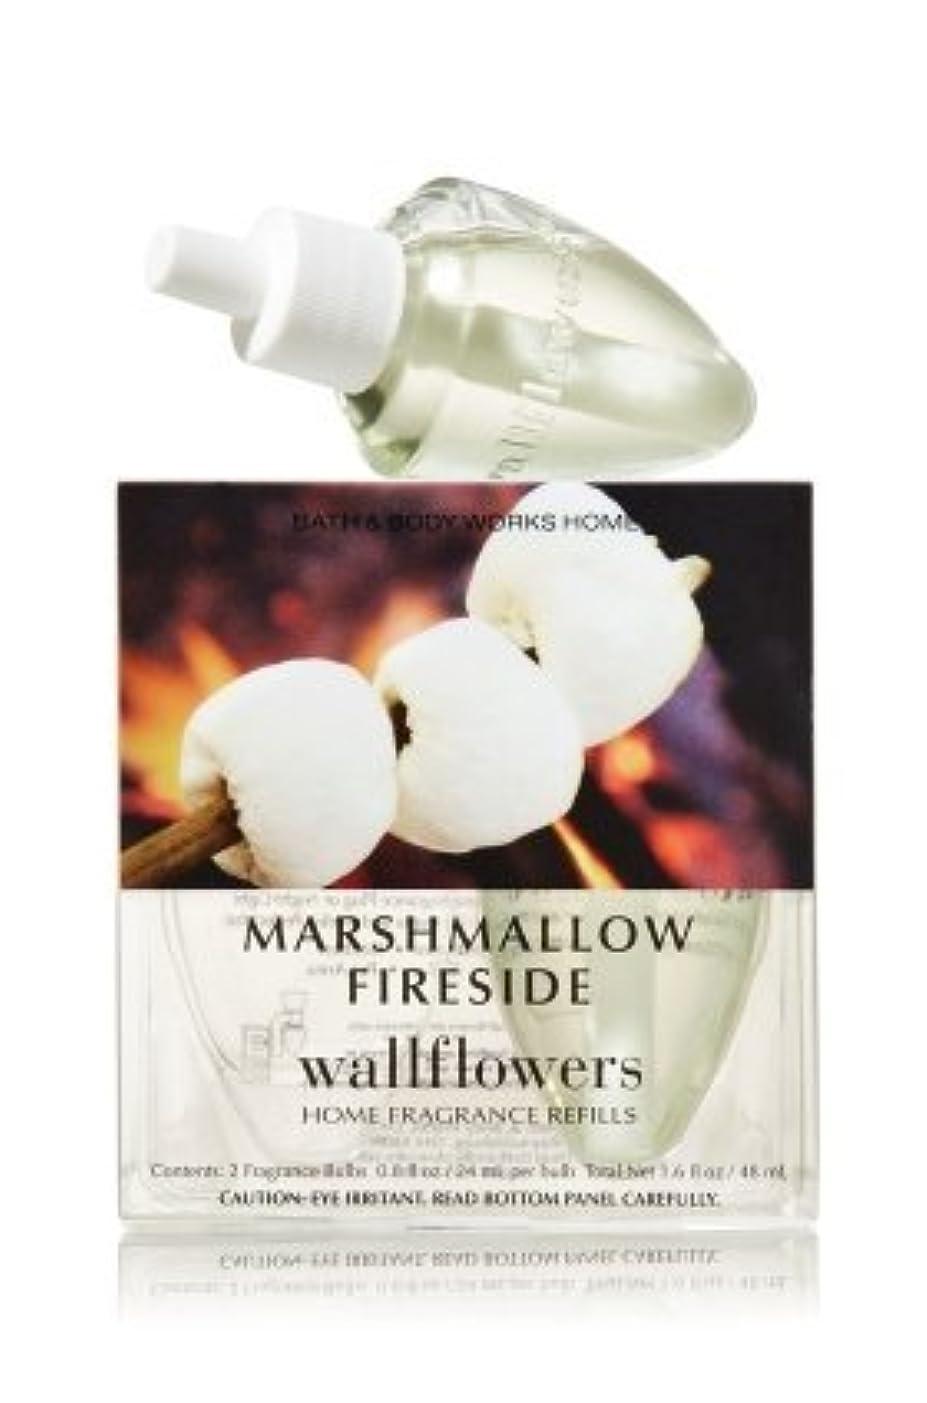 寂しい意識叫ぶ【Bath&Body Works/バス&ボディワークス】 ルームフレグランス 詰替えリフィル(2個入り) マシュマロファイヤーサイド Wallflowers Home Fragrance 2-Pack Refills Marshmallow Fireside [並行輸入品]